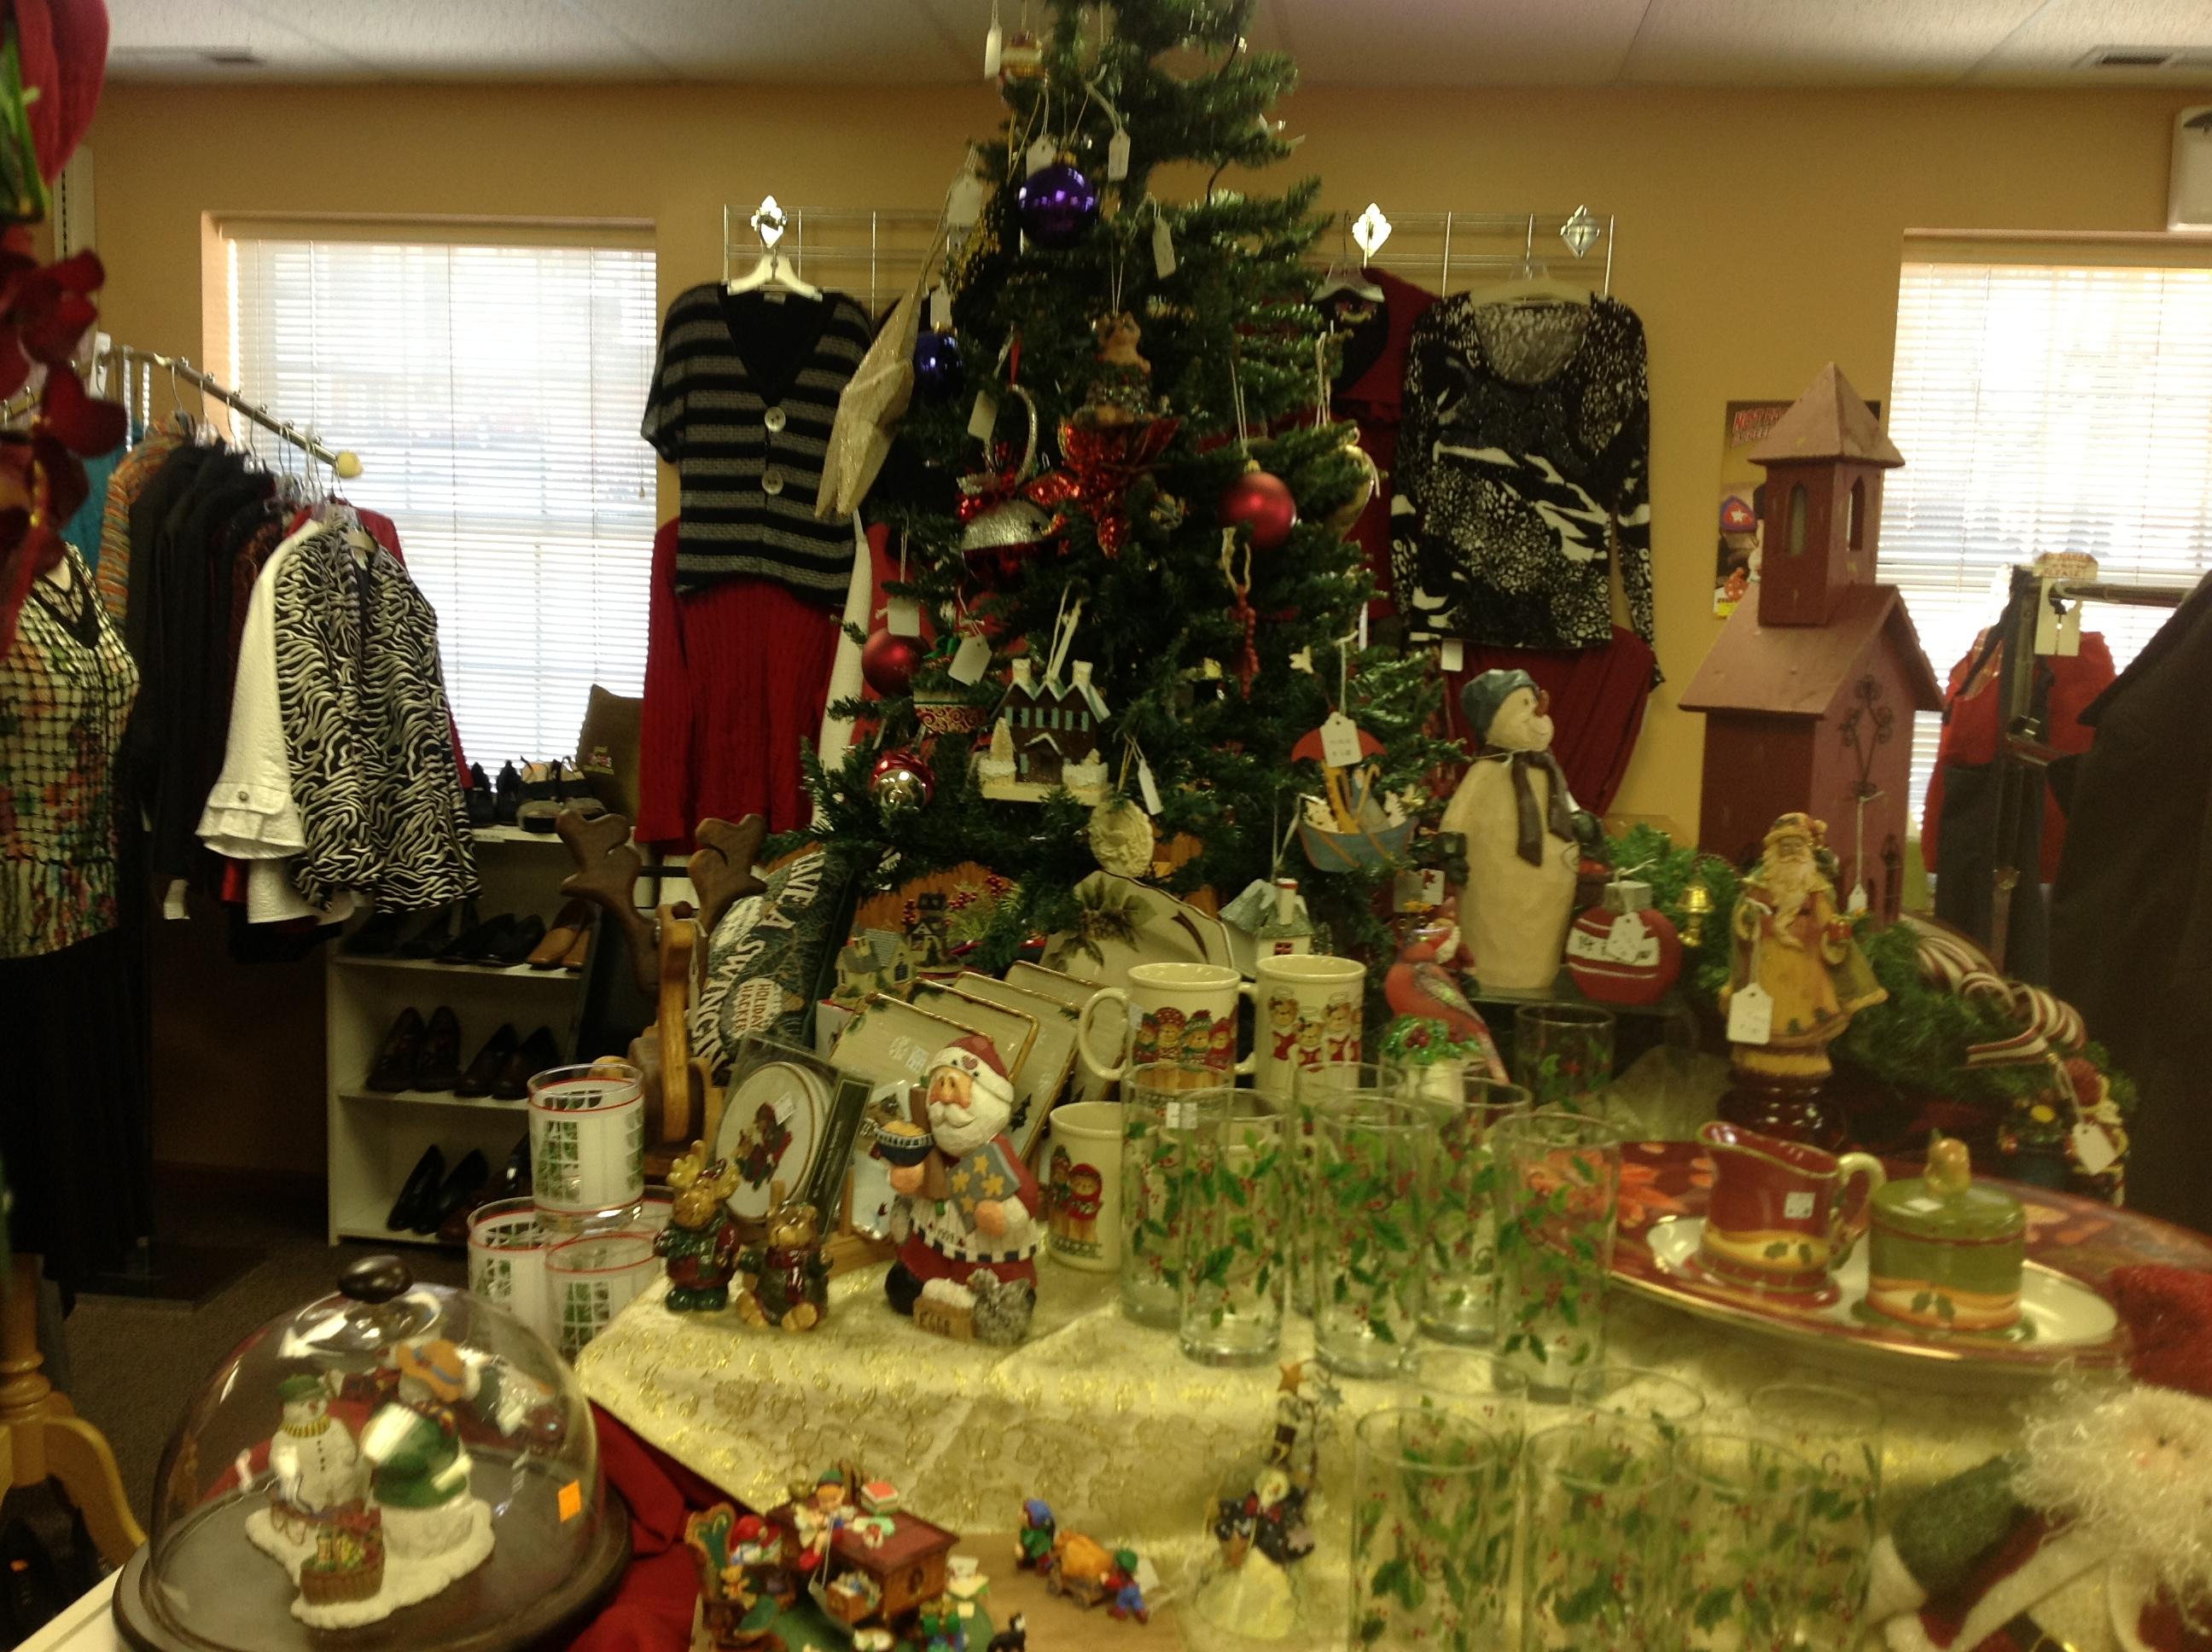 Holiday wares